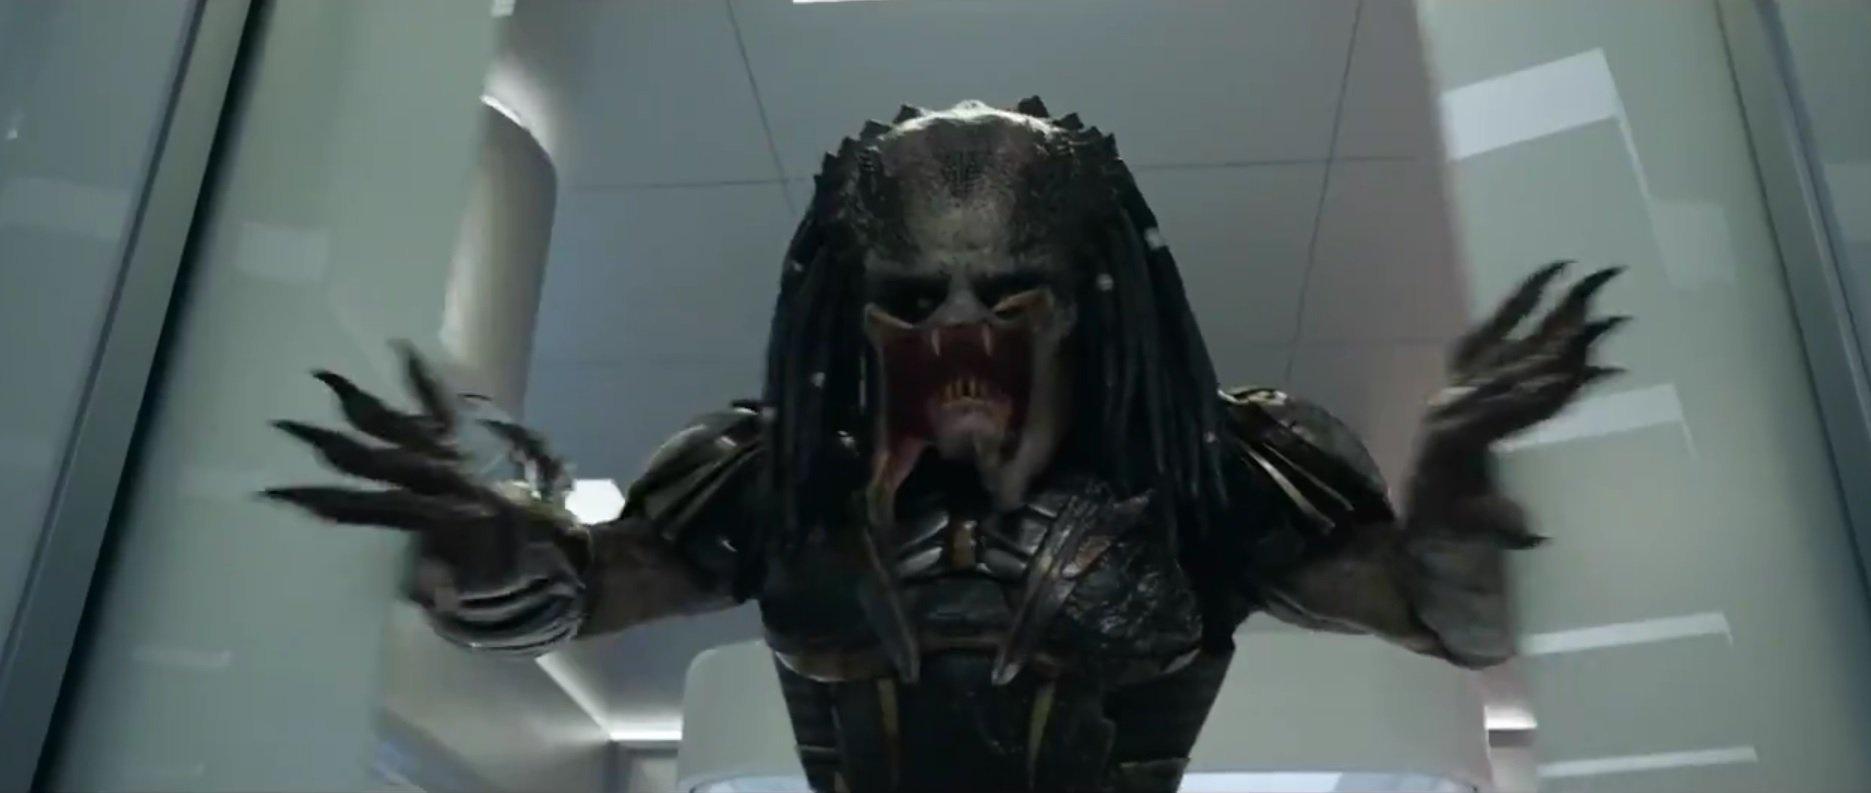 """Predator powraca, czyli """"brzydki sukinsyn"""" kończy trzydziestkę"""